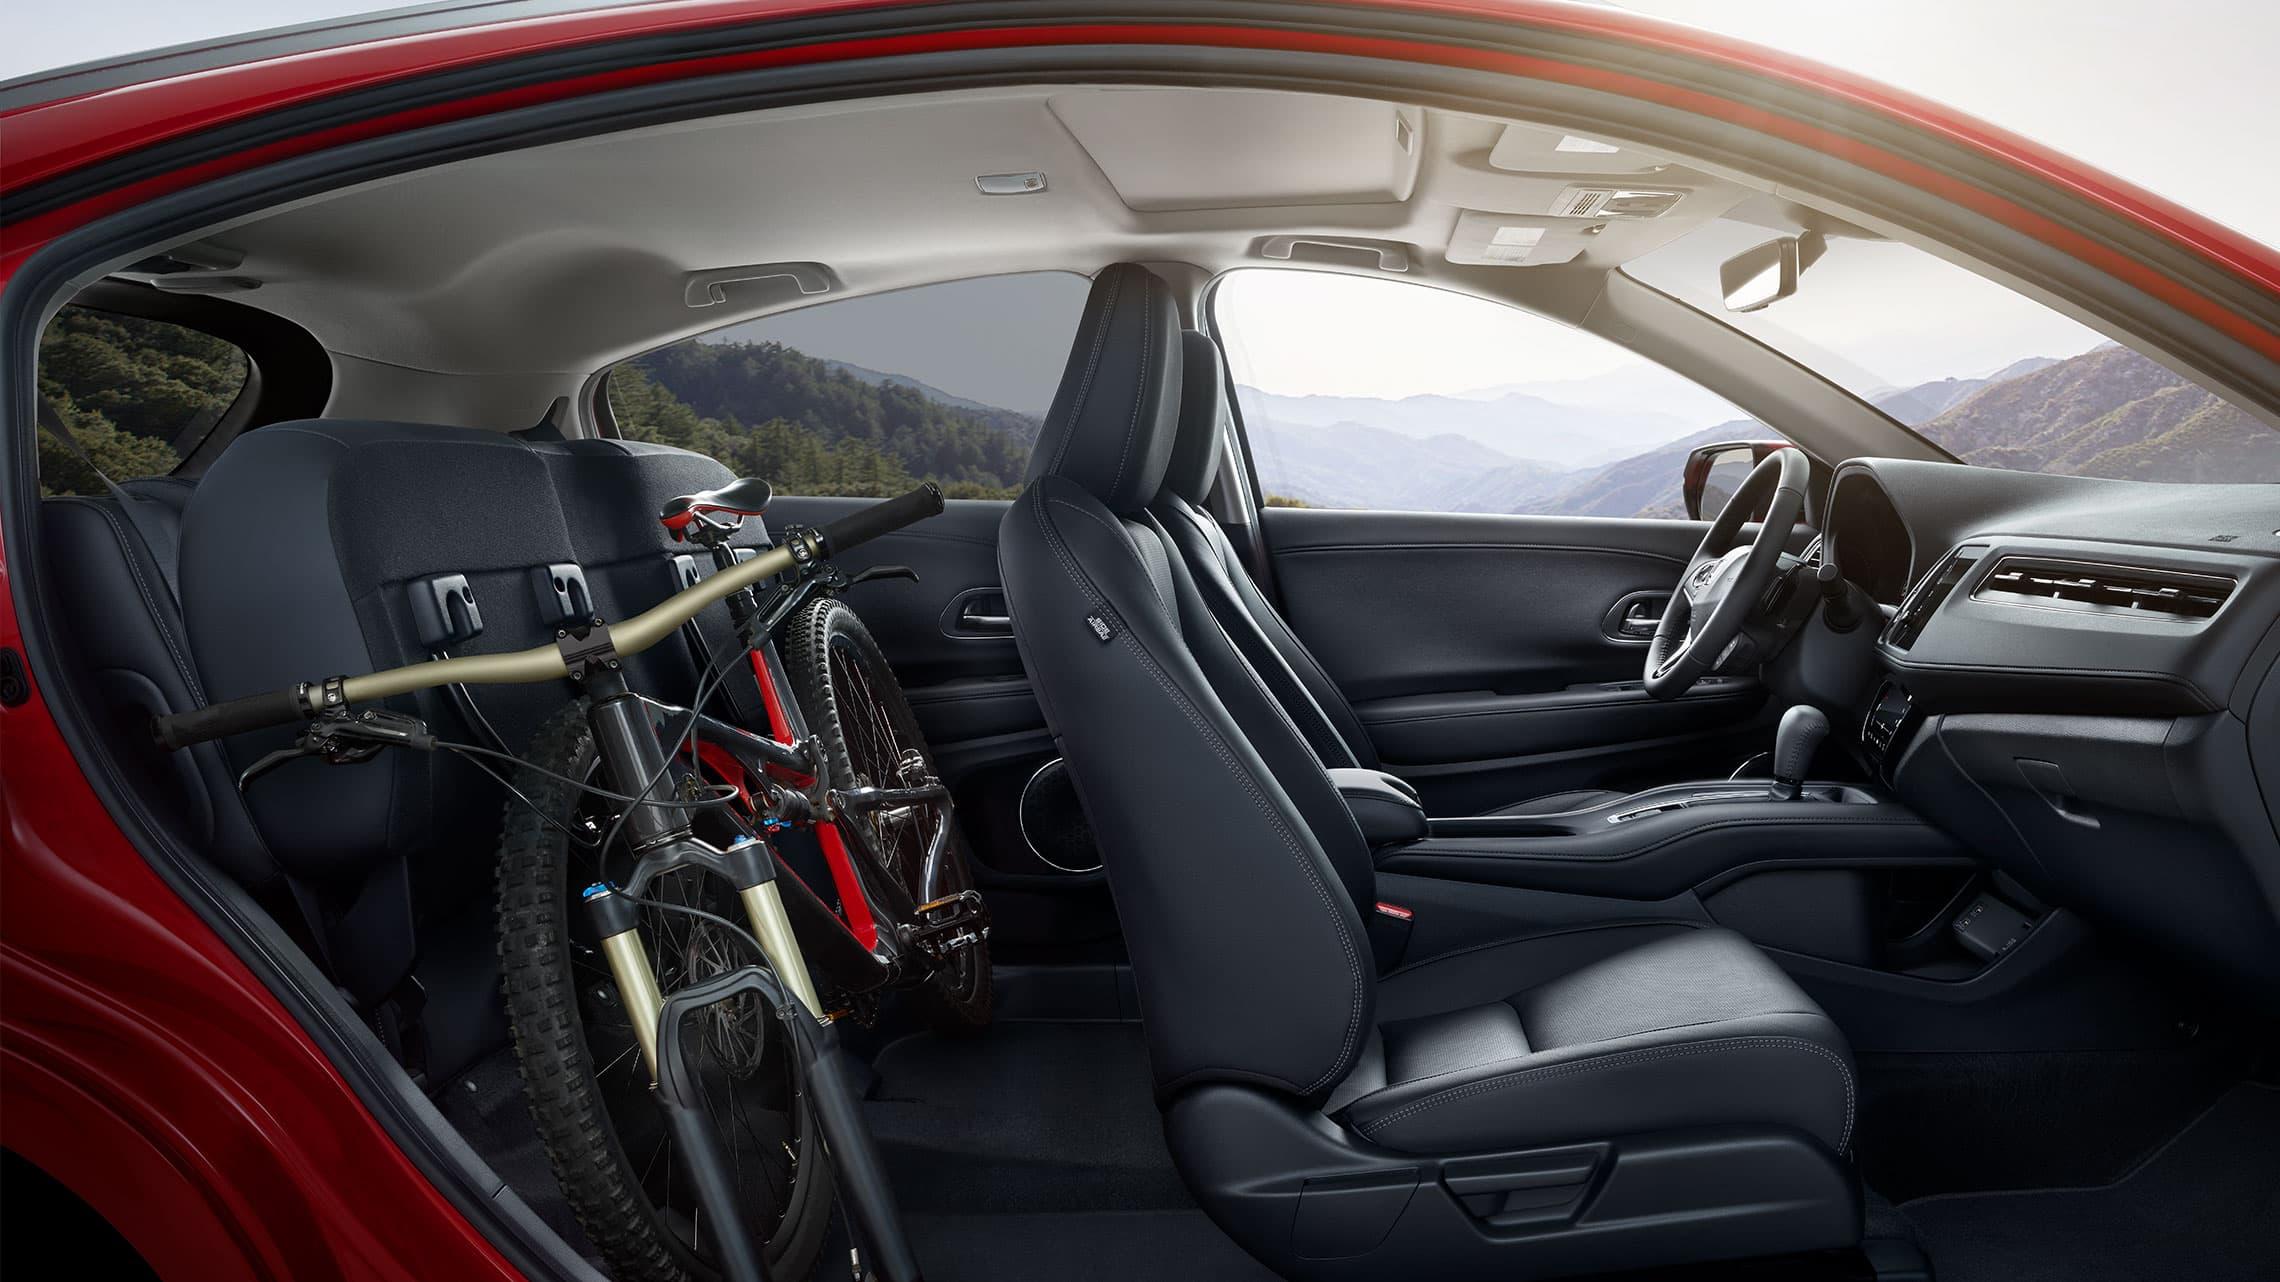 Vista interior desde el lado del pasajero de la Honda HR-V Touring2020 con Black Leather con los asientos traseros abatidos llevando una bicicleta.